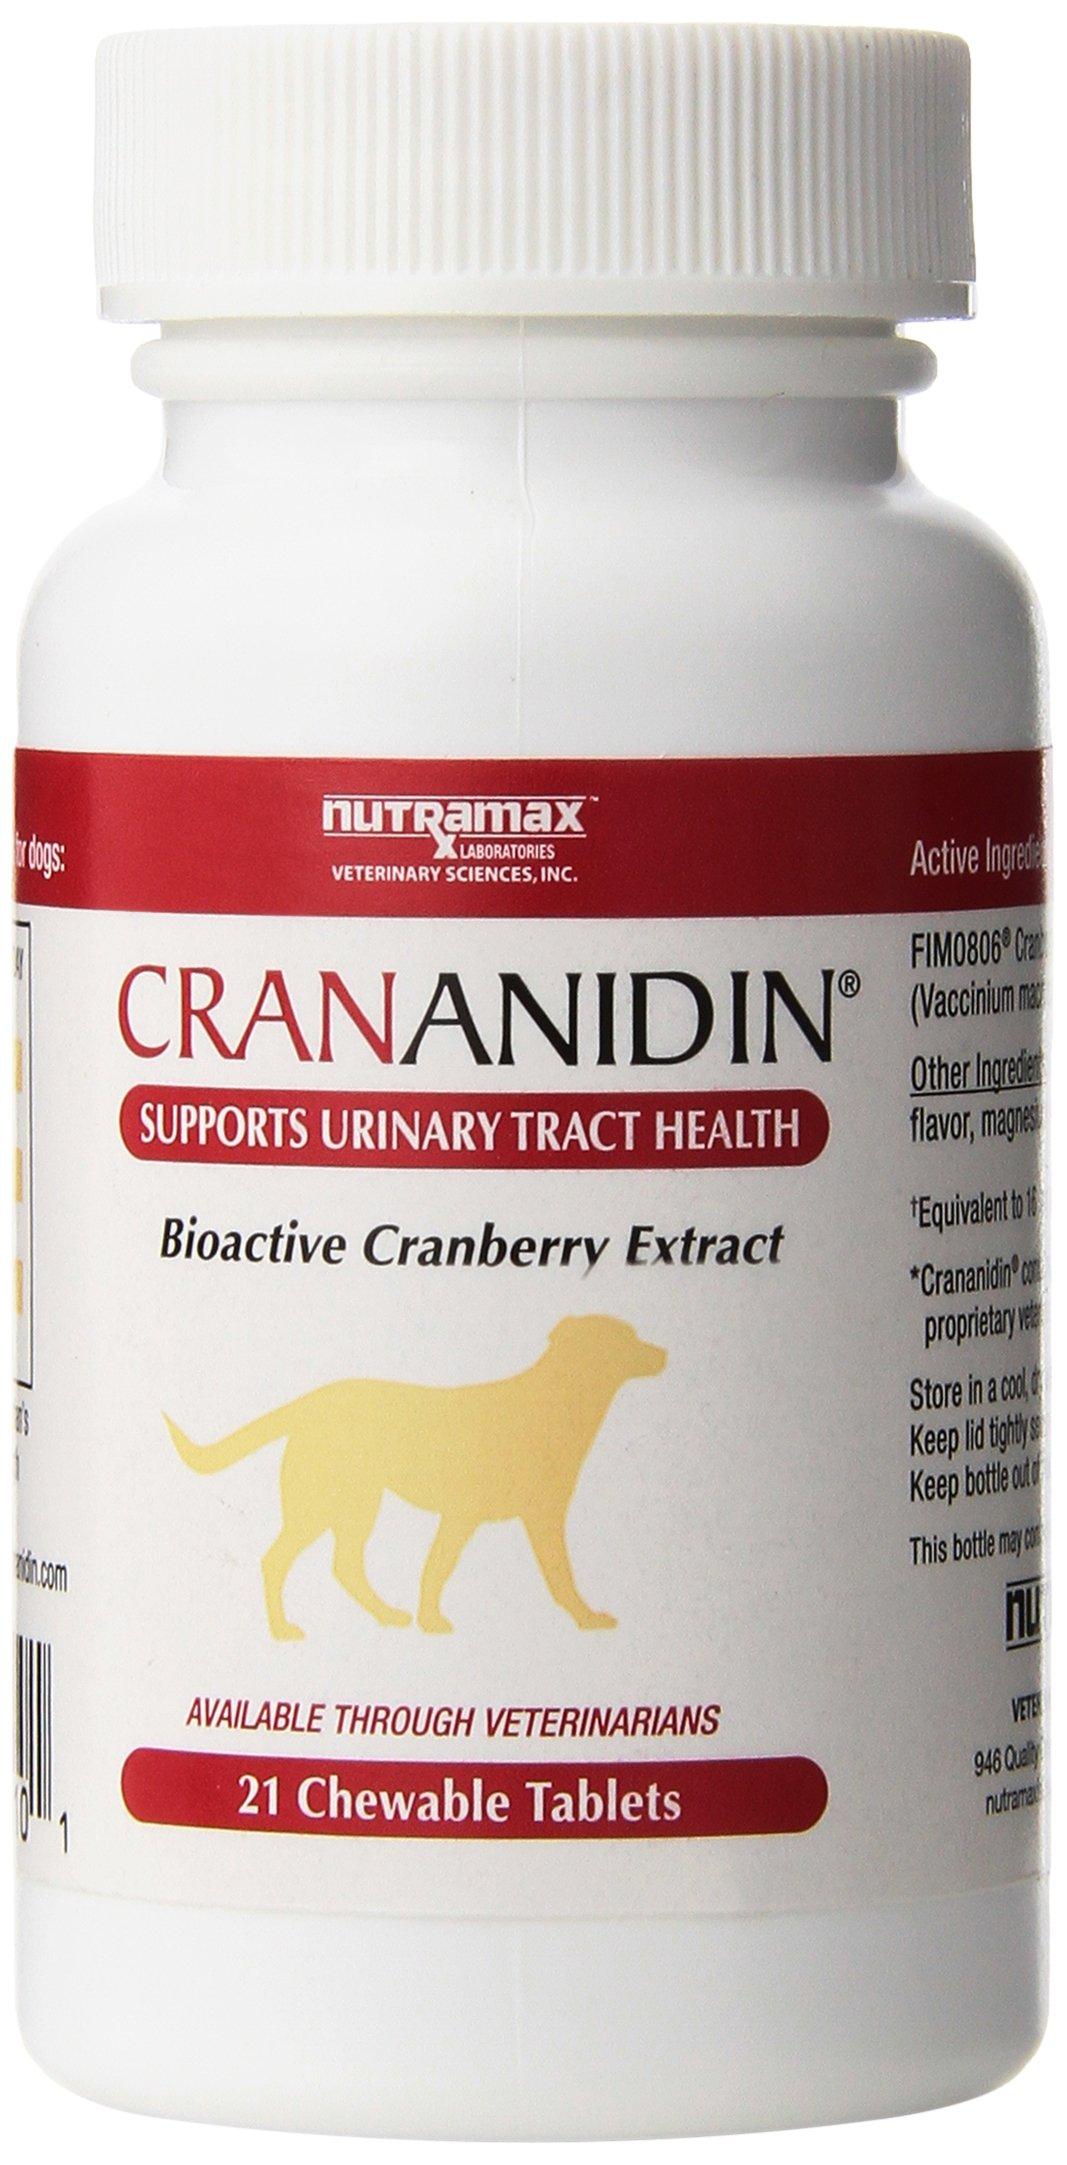 Nutramax Crananidin Pet Supplement, 21 Count